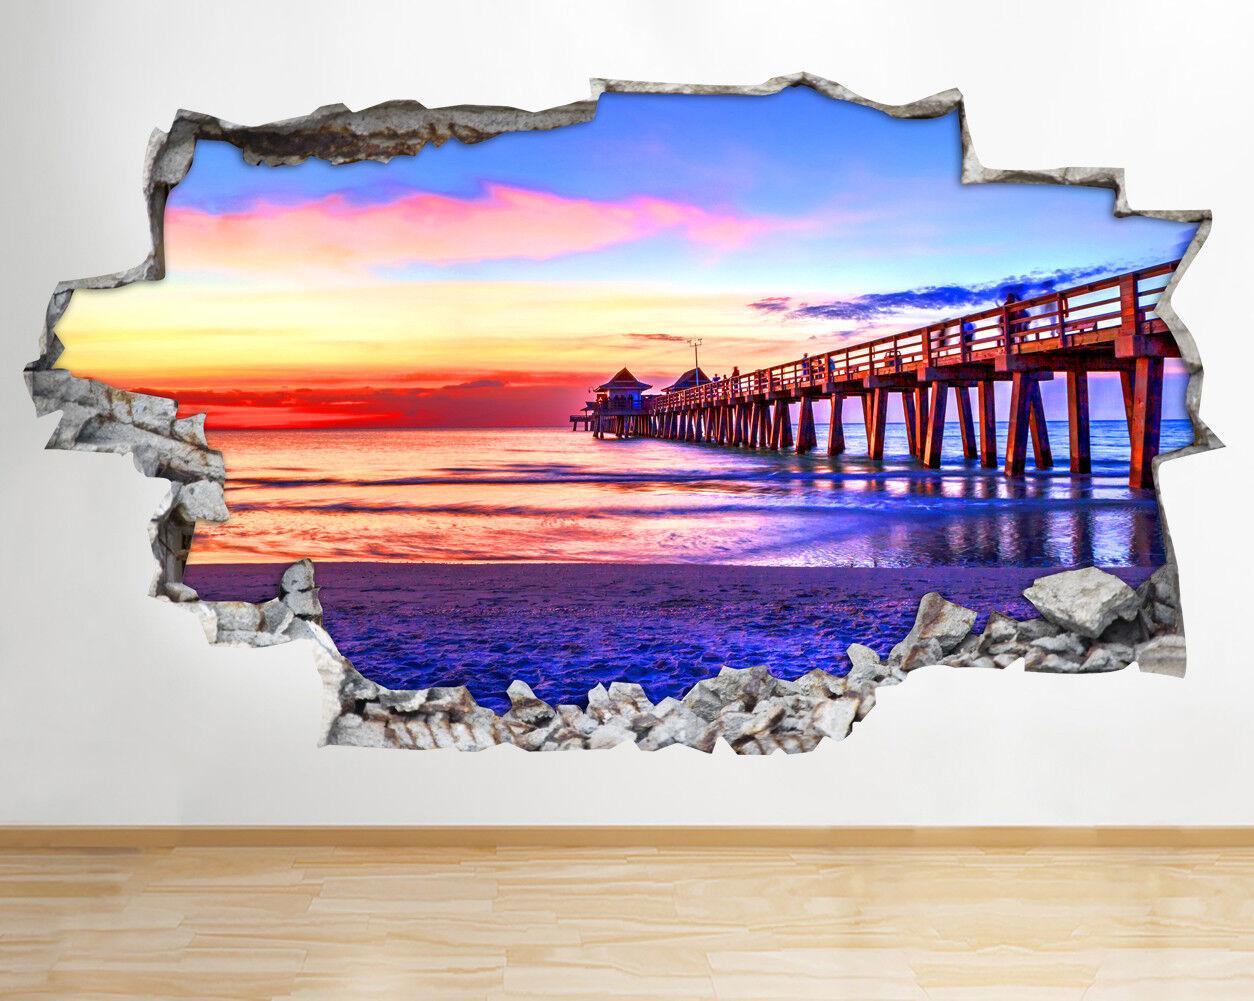 BB557 OCEAN BEACH MOLO TRAMONTO CIELO rossoto murali 3D 3D 3D ARTE Adesivi Vinile Stanza 2b6dfd